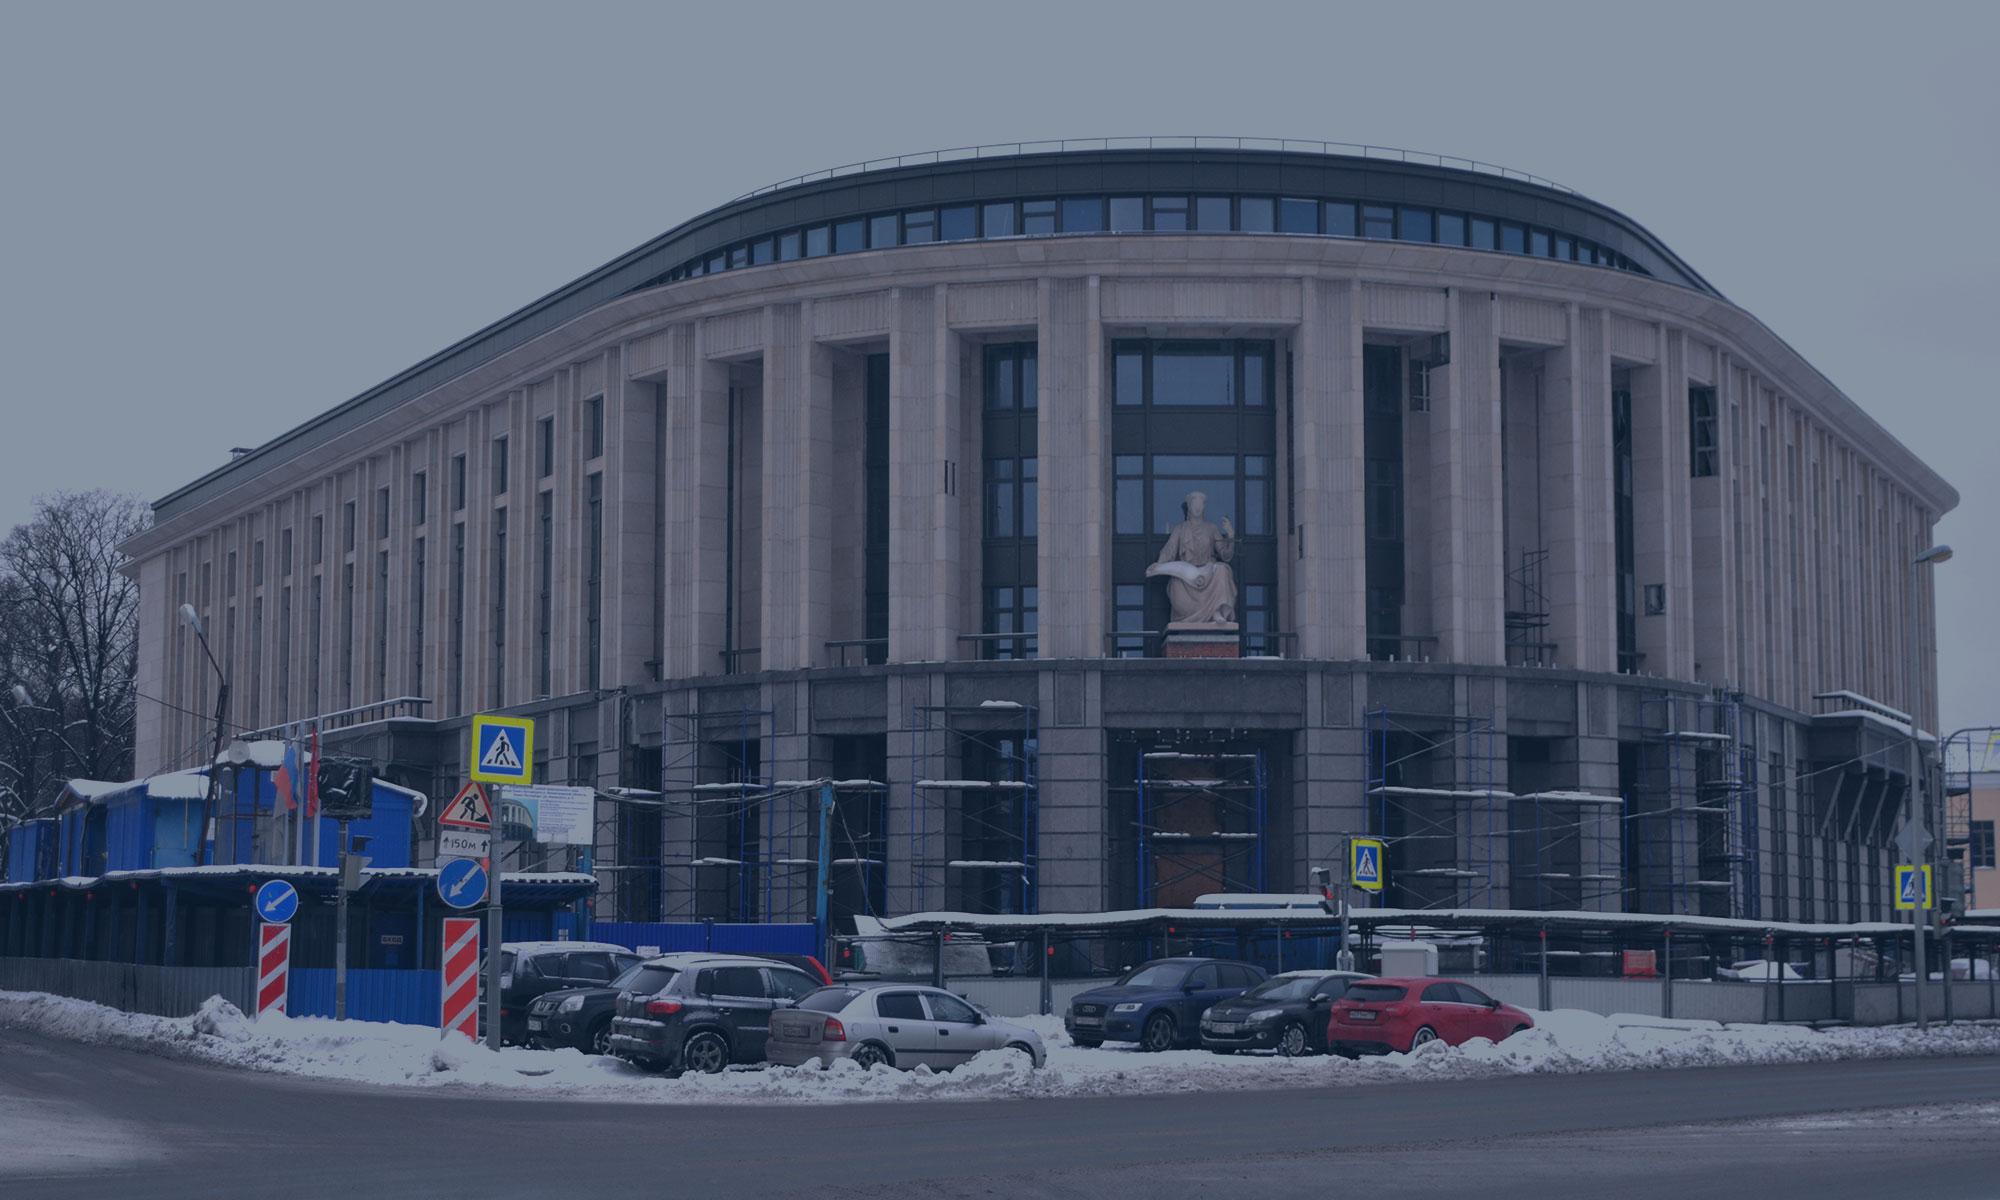 Строительство здания Арбитражного суда Санкт-Петербургского суда и Ленинградской области